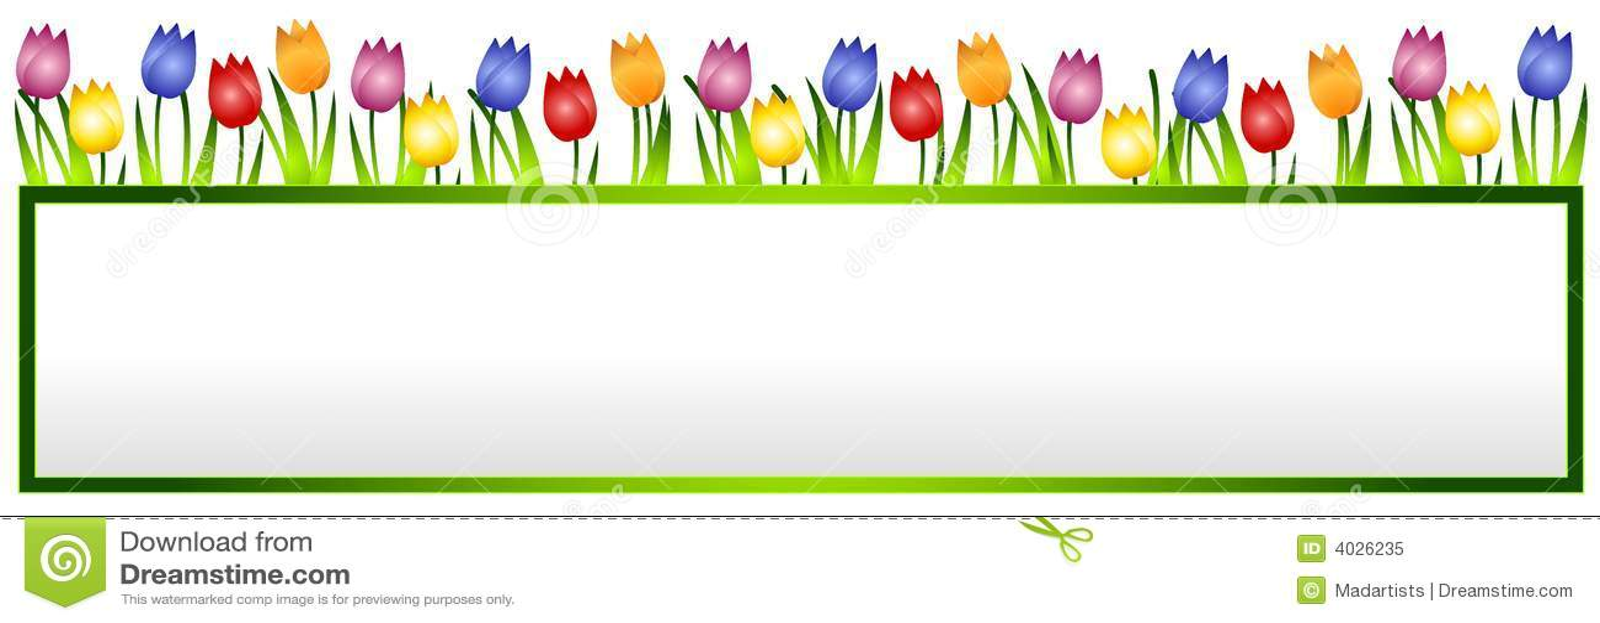 横幅花徽标春天郁金香